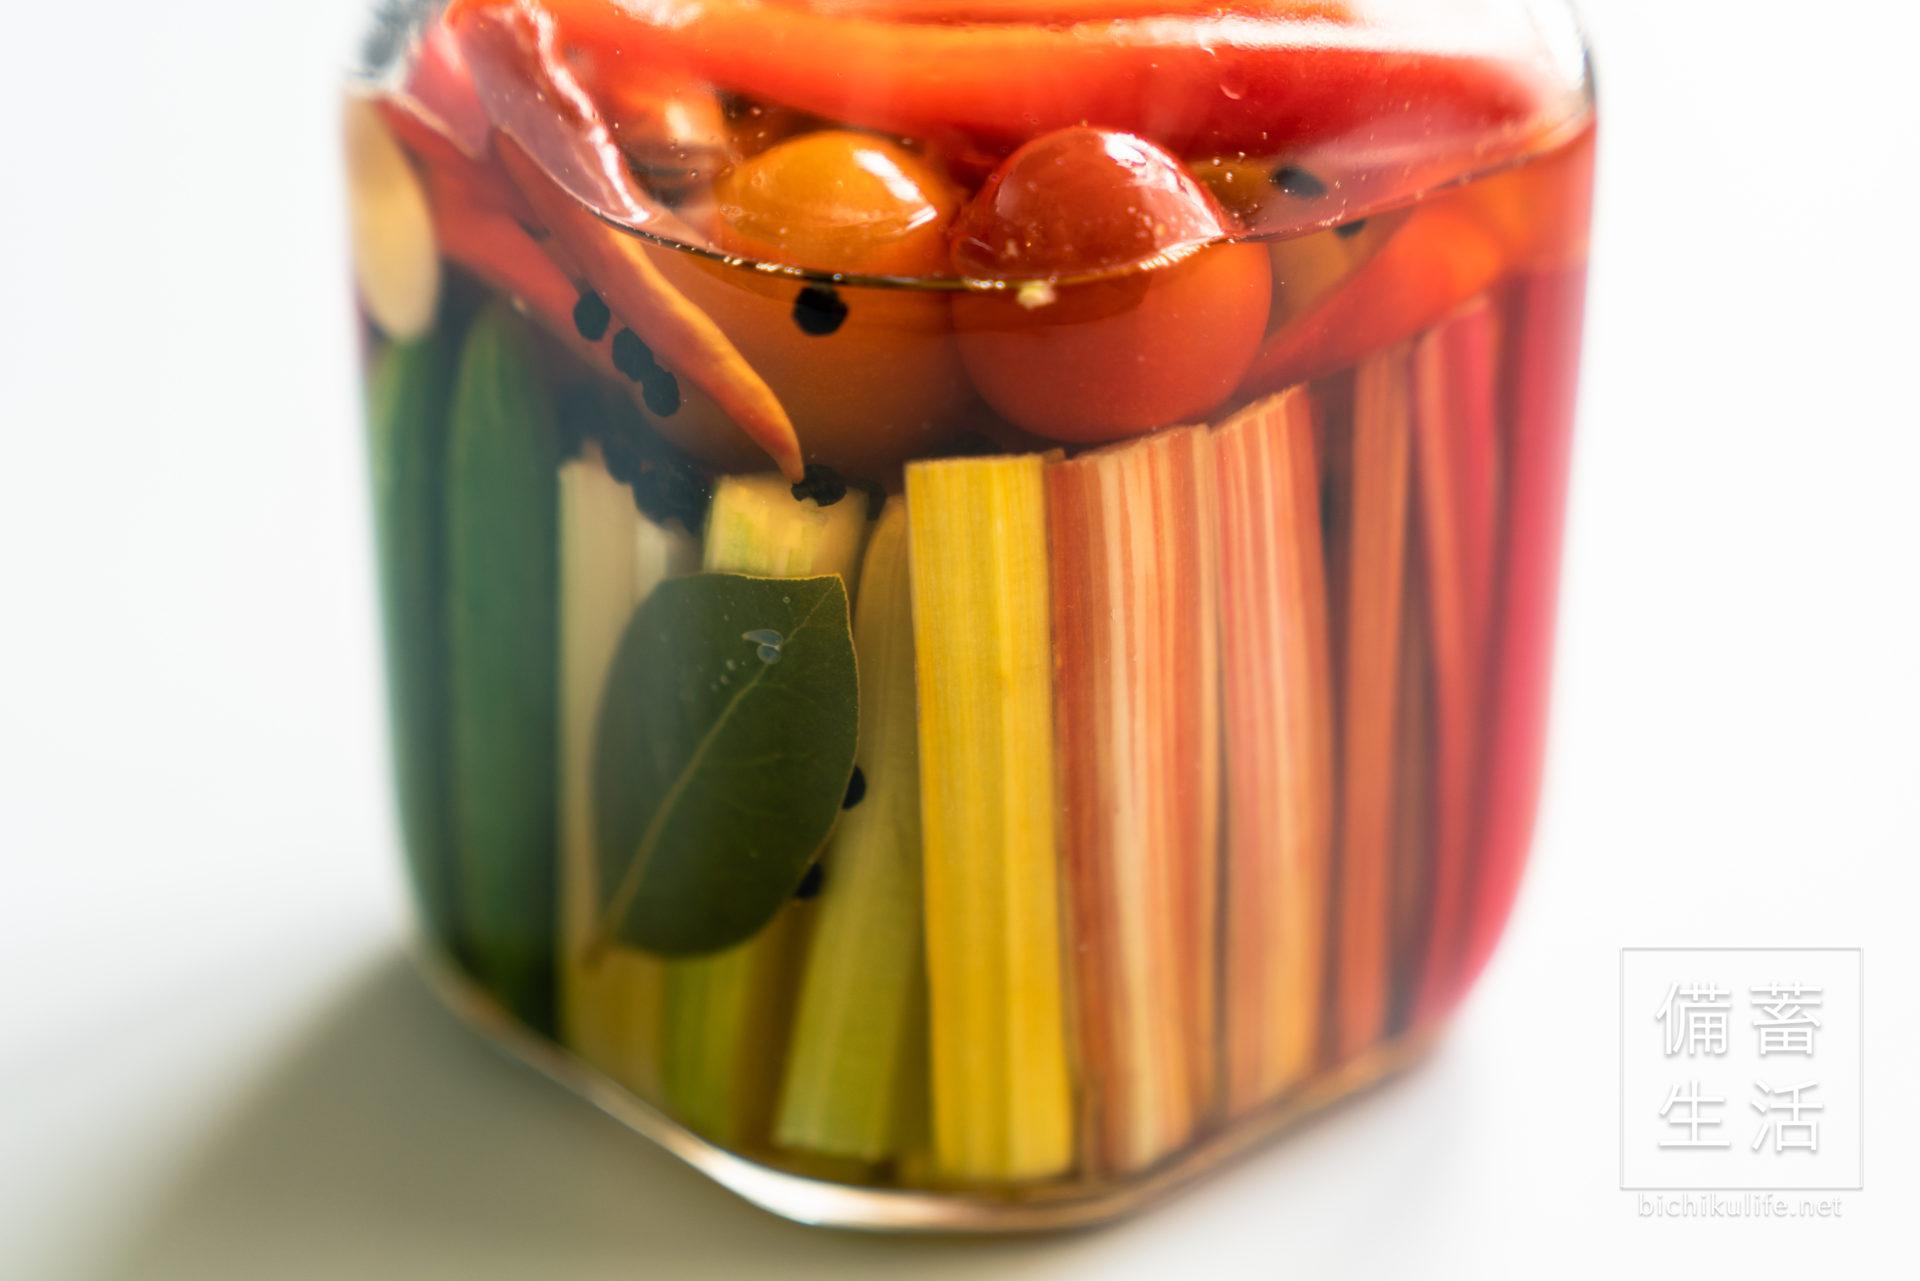 自家製ピクルスのレシピ、具材のスイスチャード、ミニトマト